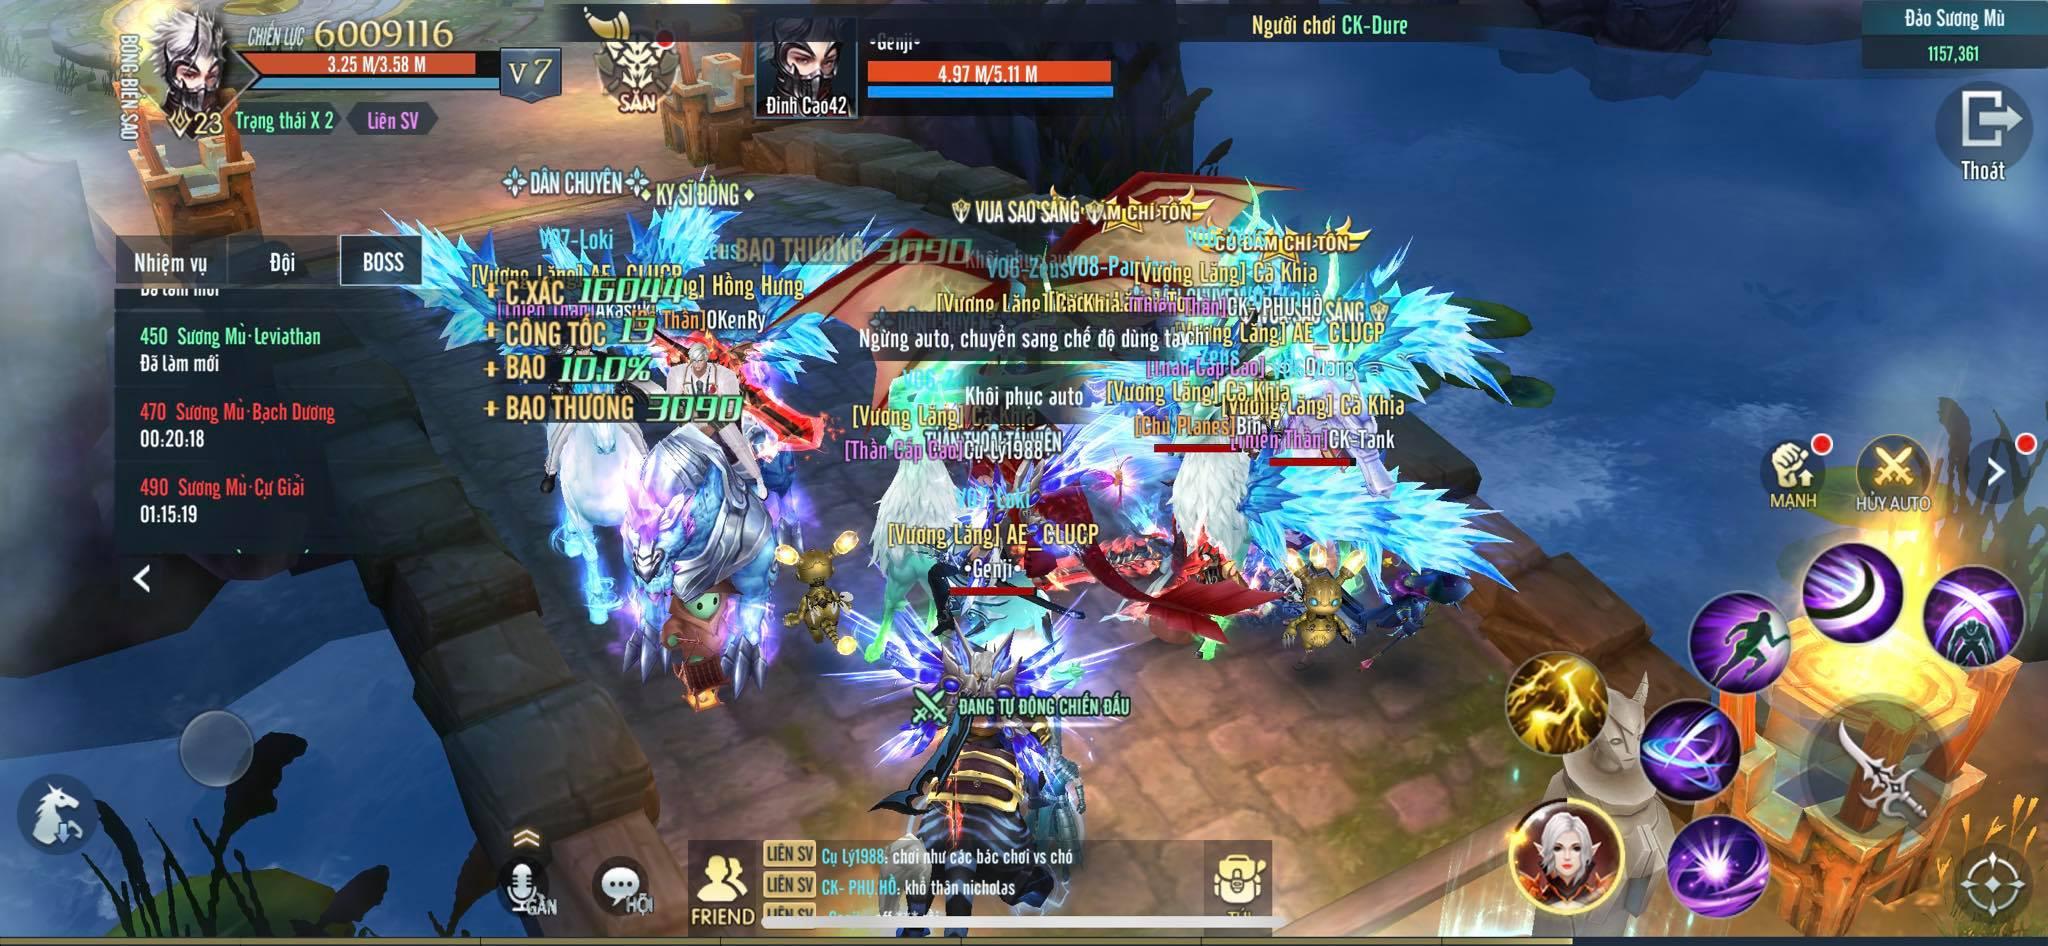 Một tựa game nhập vai bom tấn mang tên Vương Thần Mobile sắp ra mắt 1